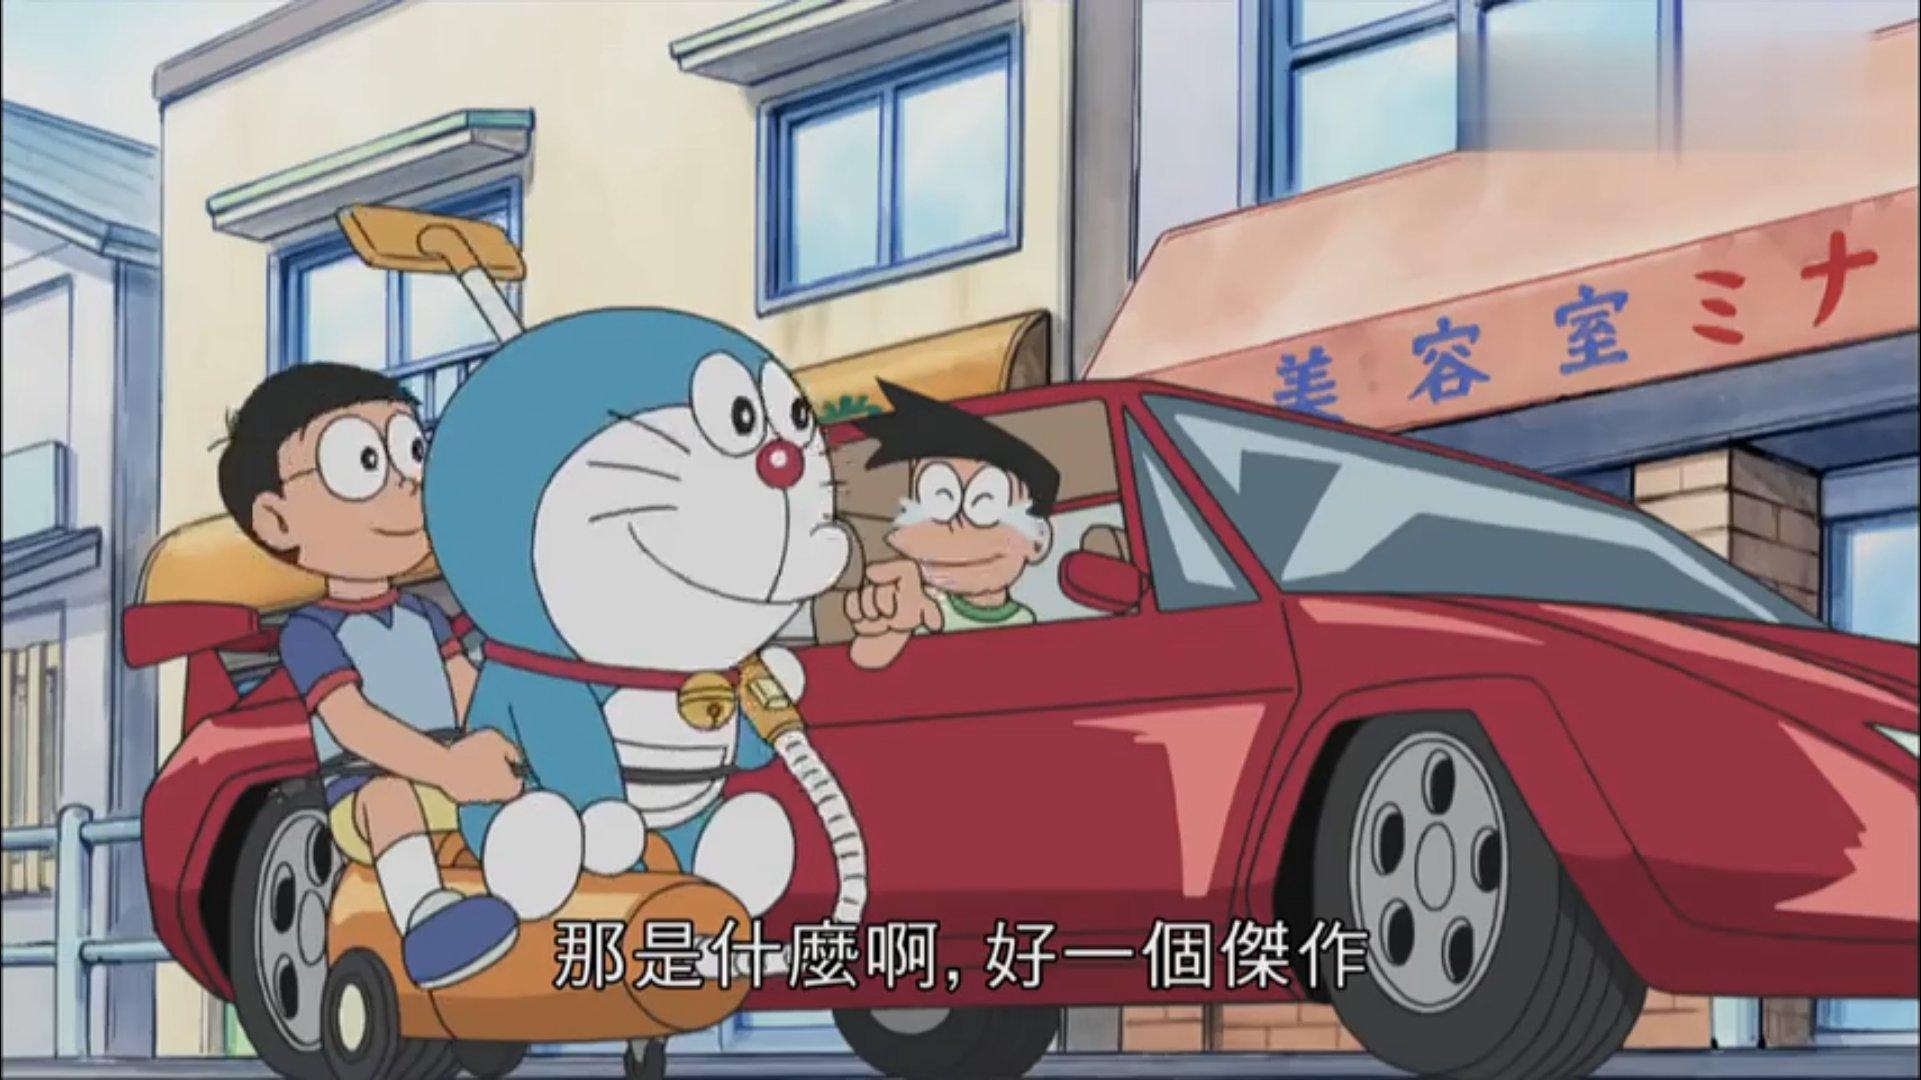 【视频】哆啦A梦:大雄骑上吸尘器,和跑车比赛速度-小柚妹站